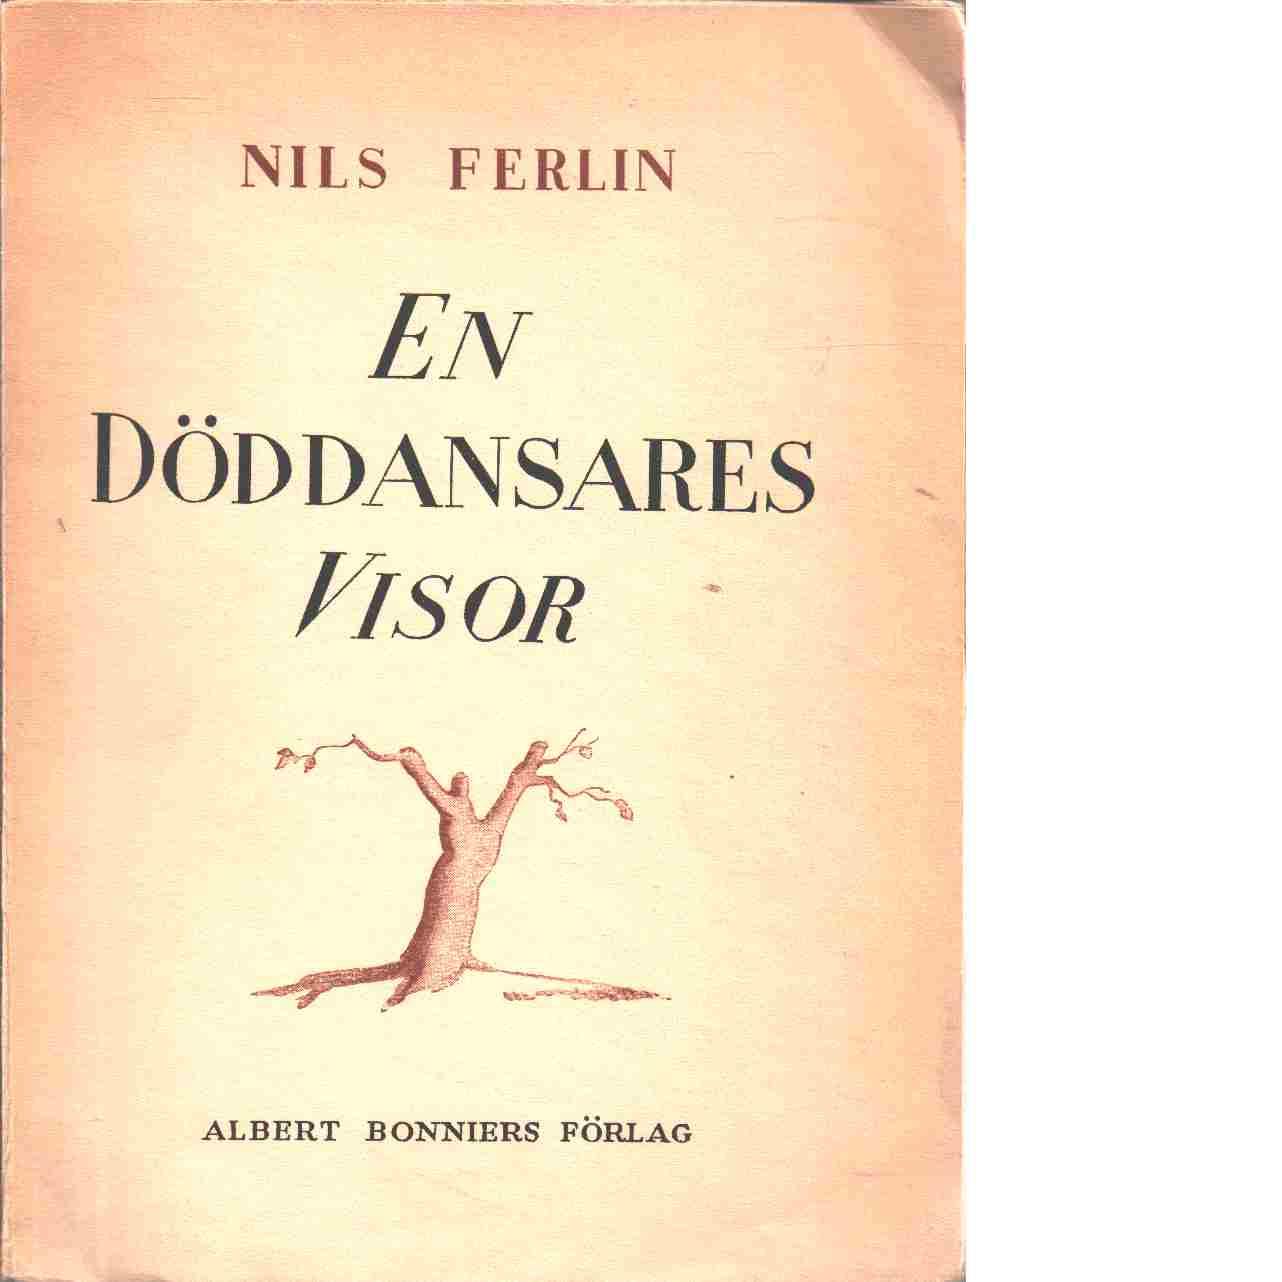 En döddansares visor - Ferlin, Nils